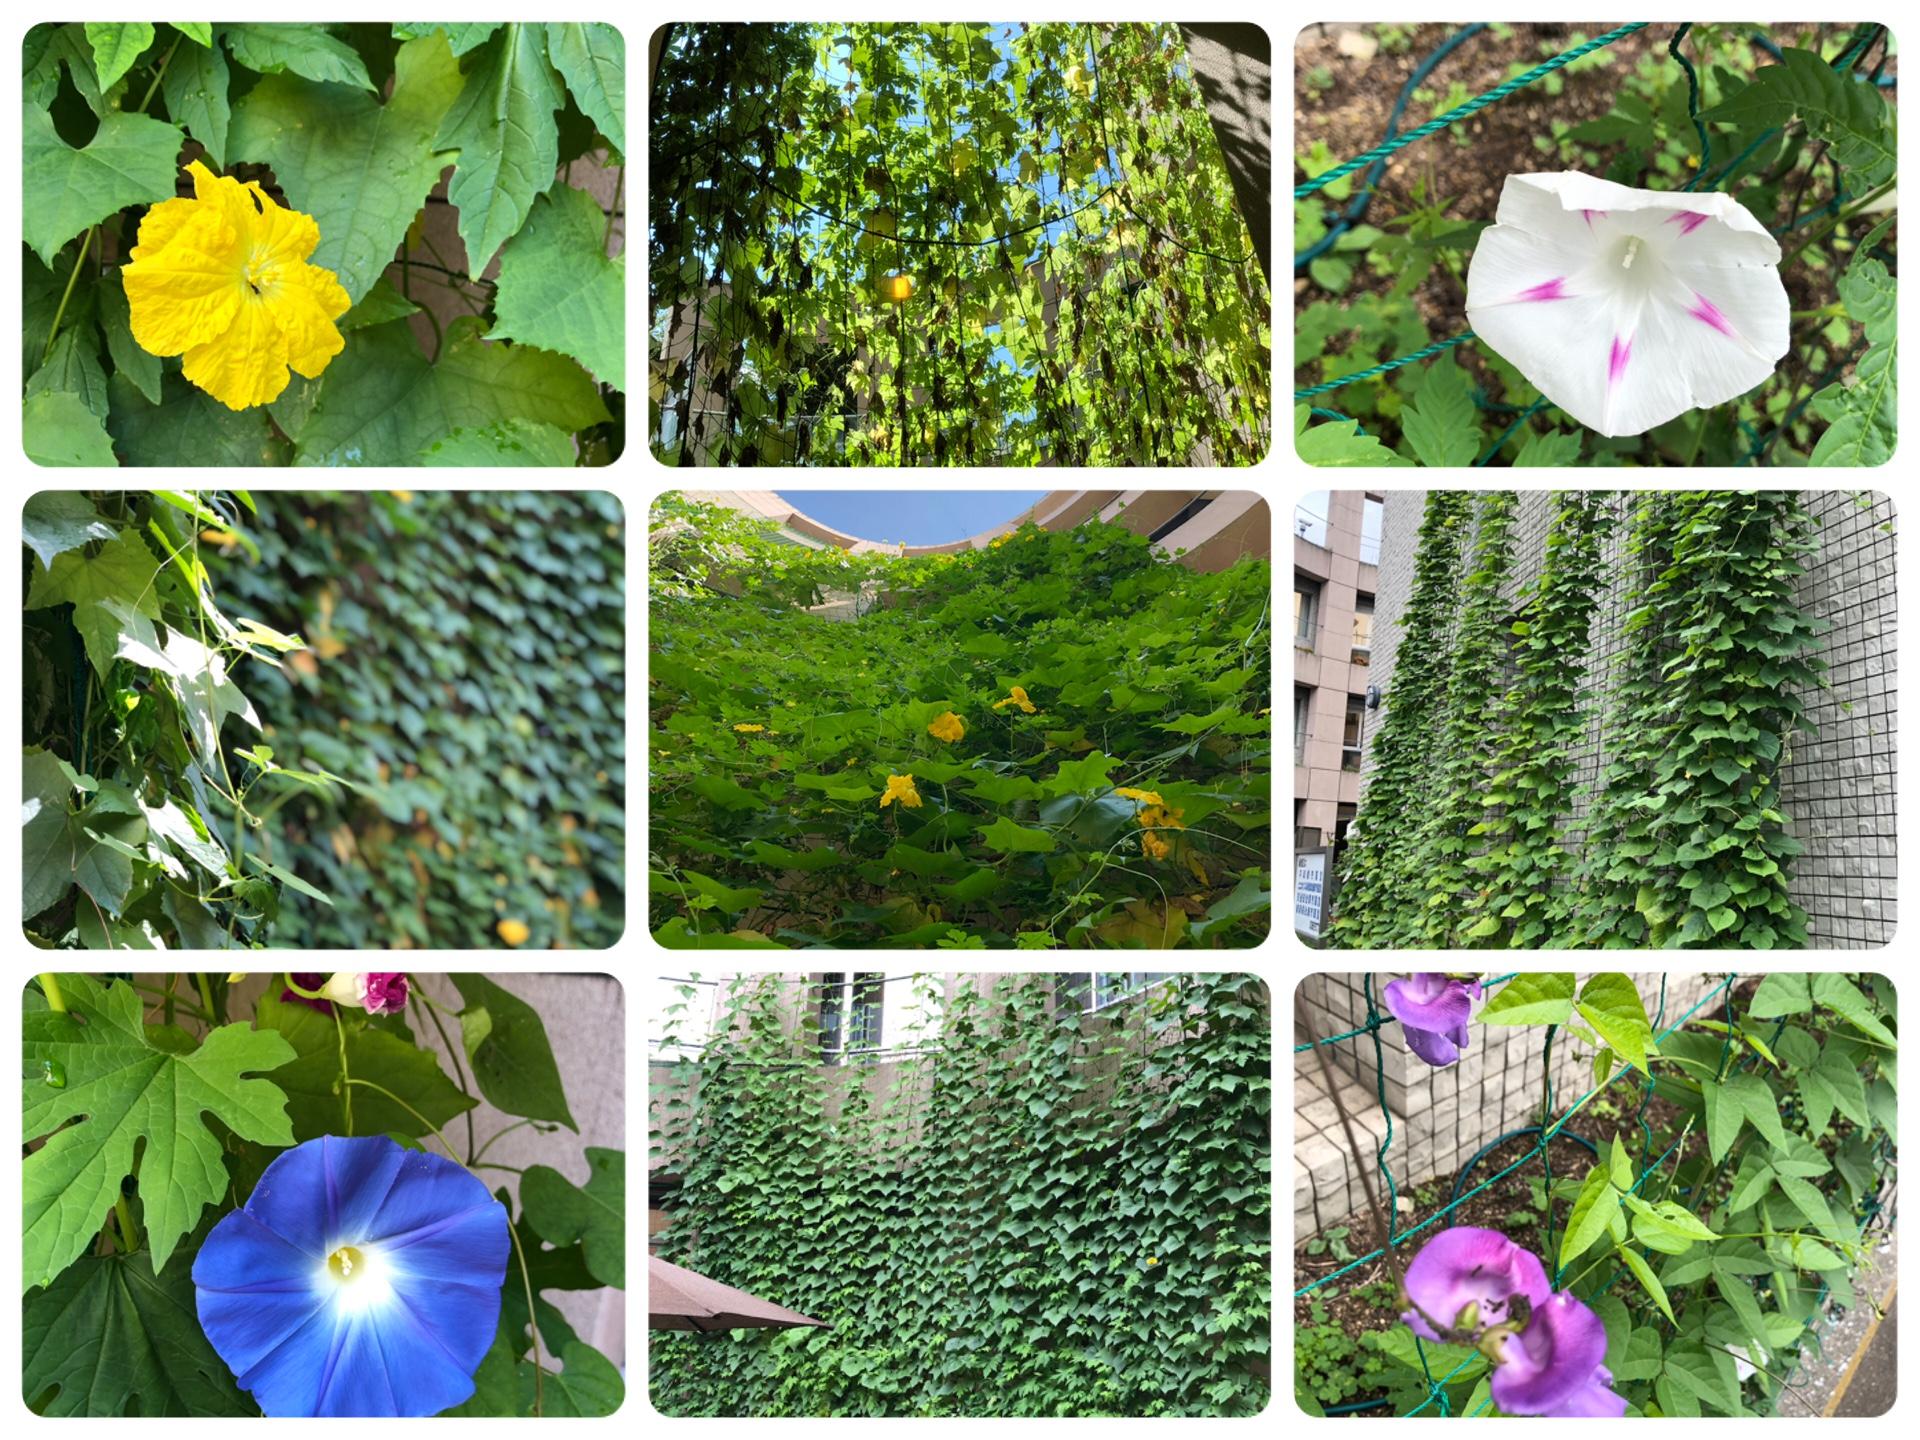 ・・・板橋区の緑のカーテン・・・・・・